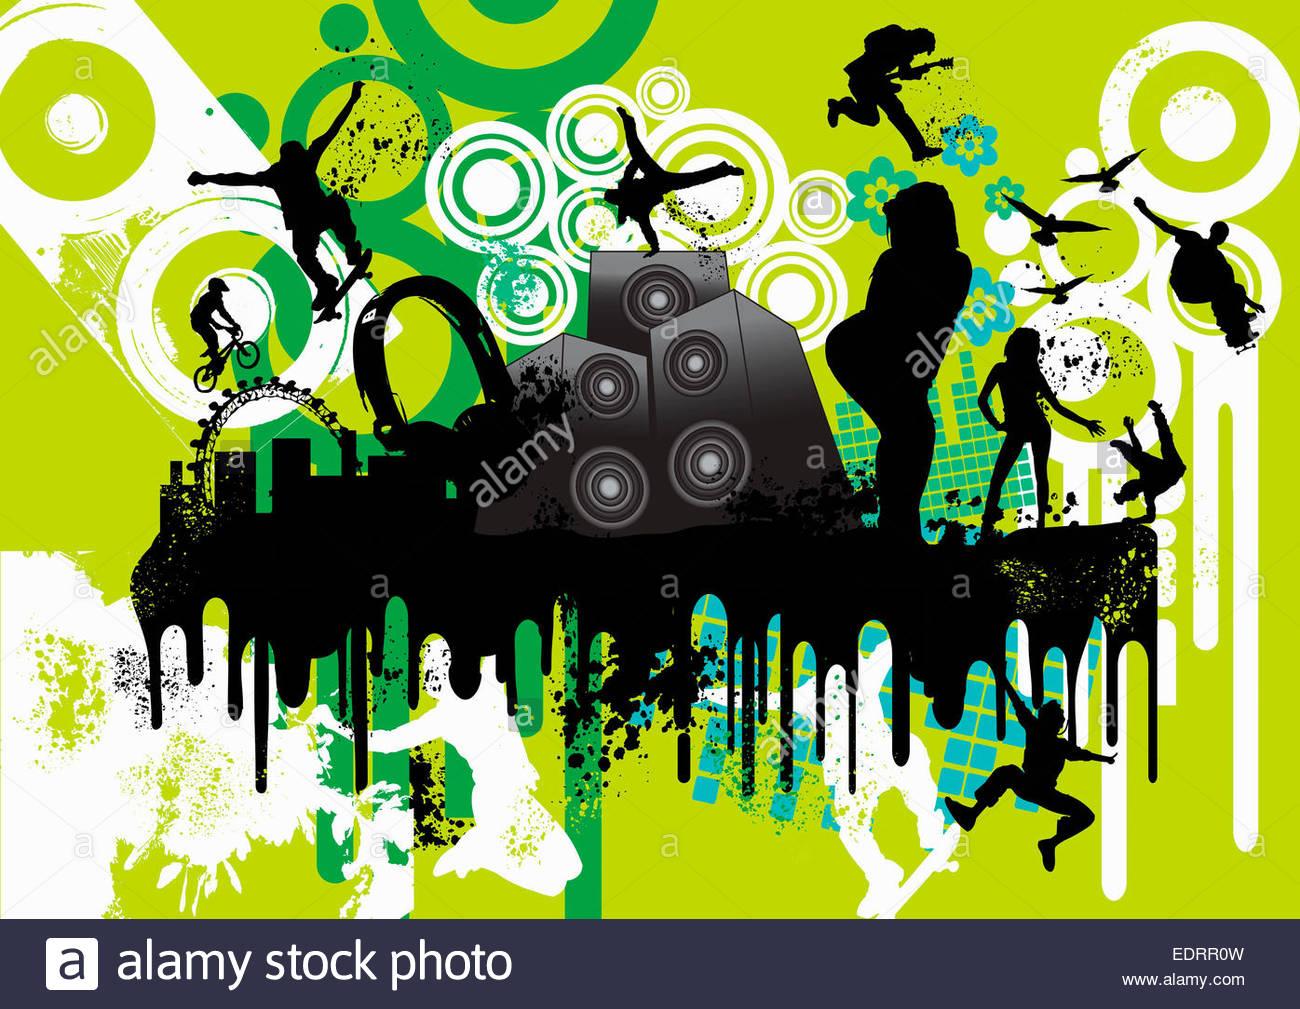 Montage de jeunes énergiques aux personnes bénéficiant d'une culture de la jeunesse urbaine, Photo Stock